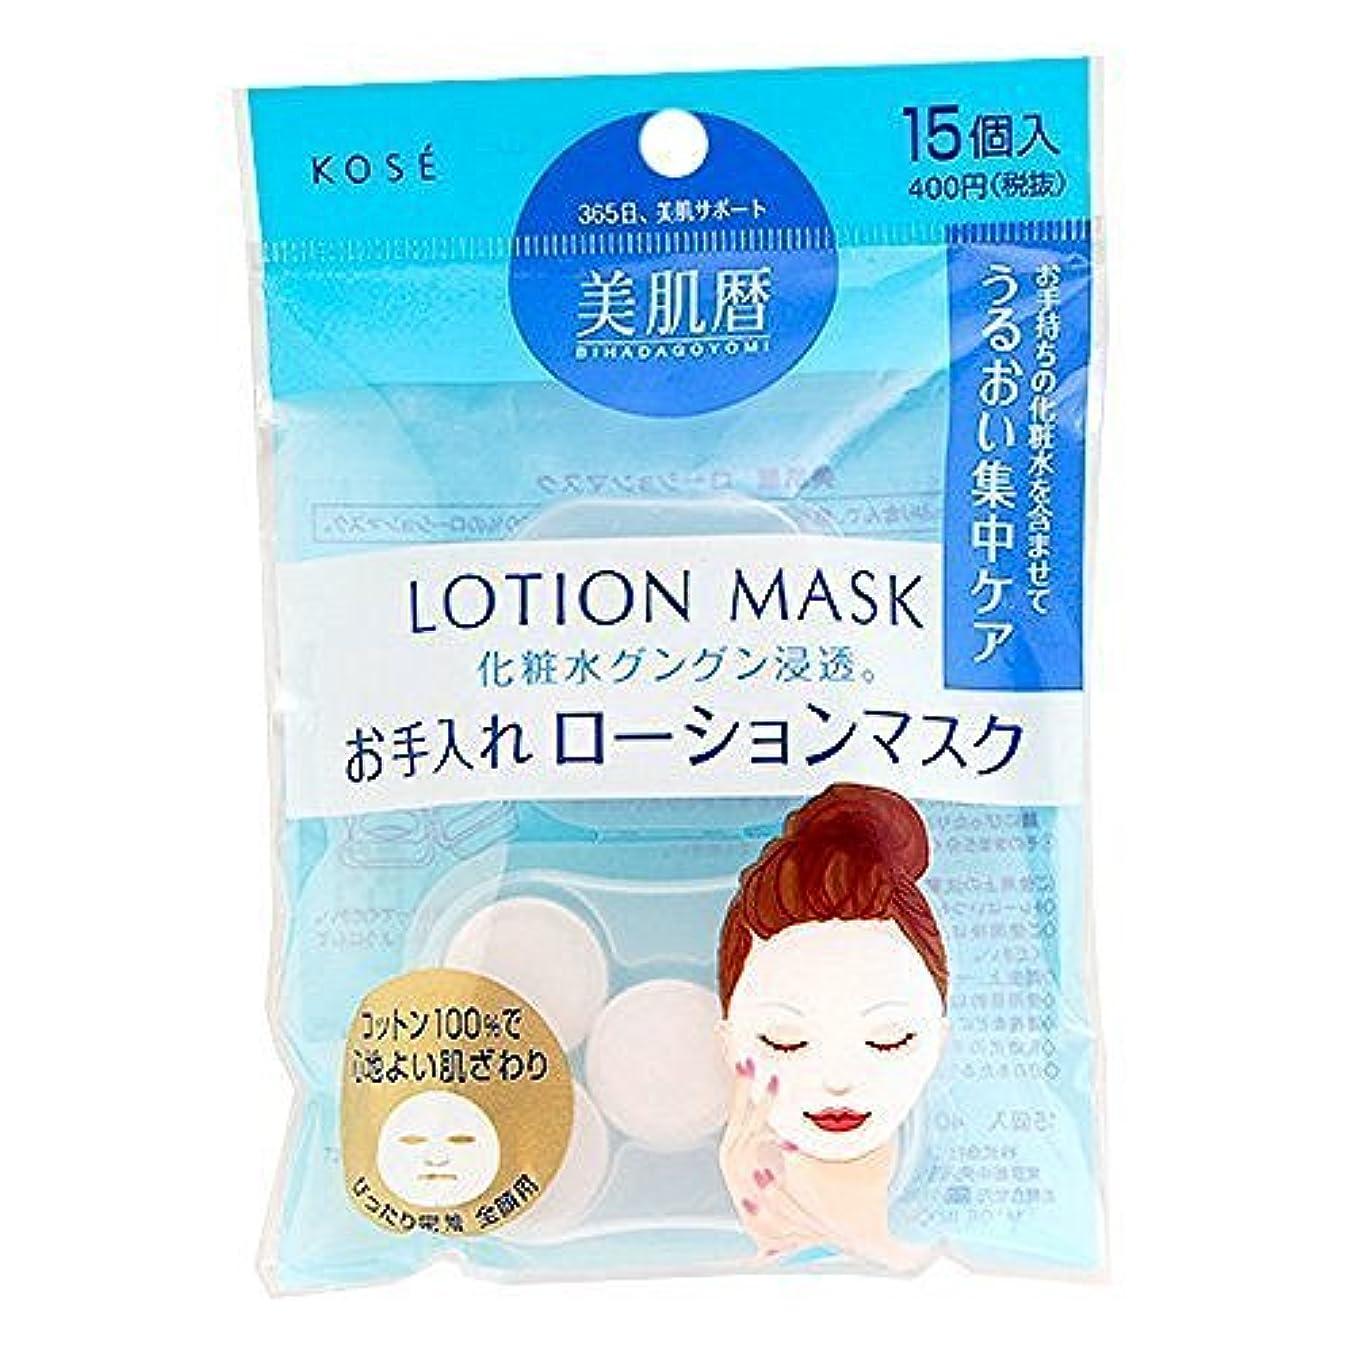 コーセー 美肌暦 ローションマスク(15個入)